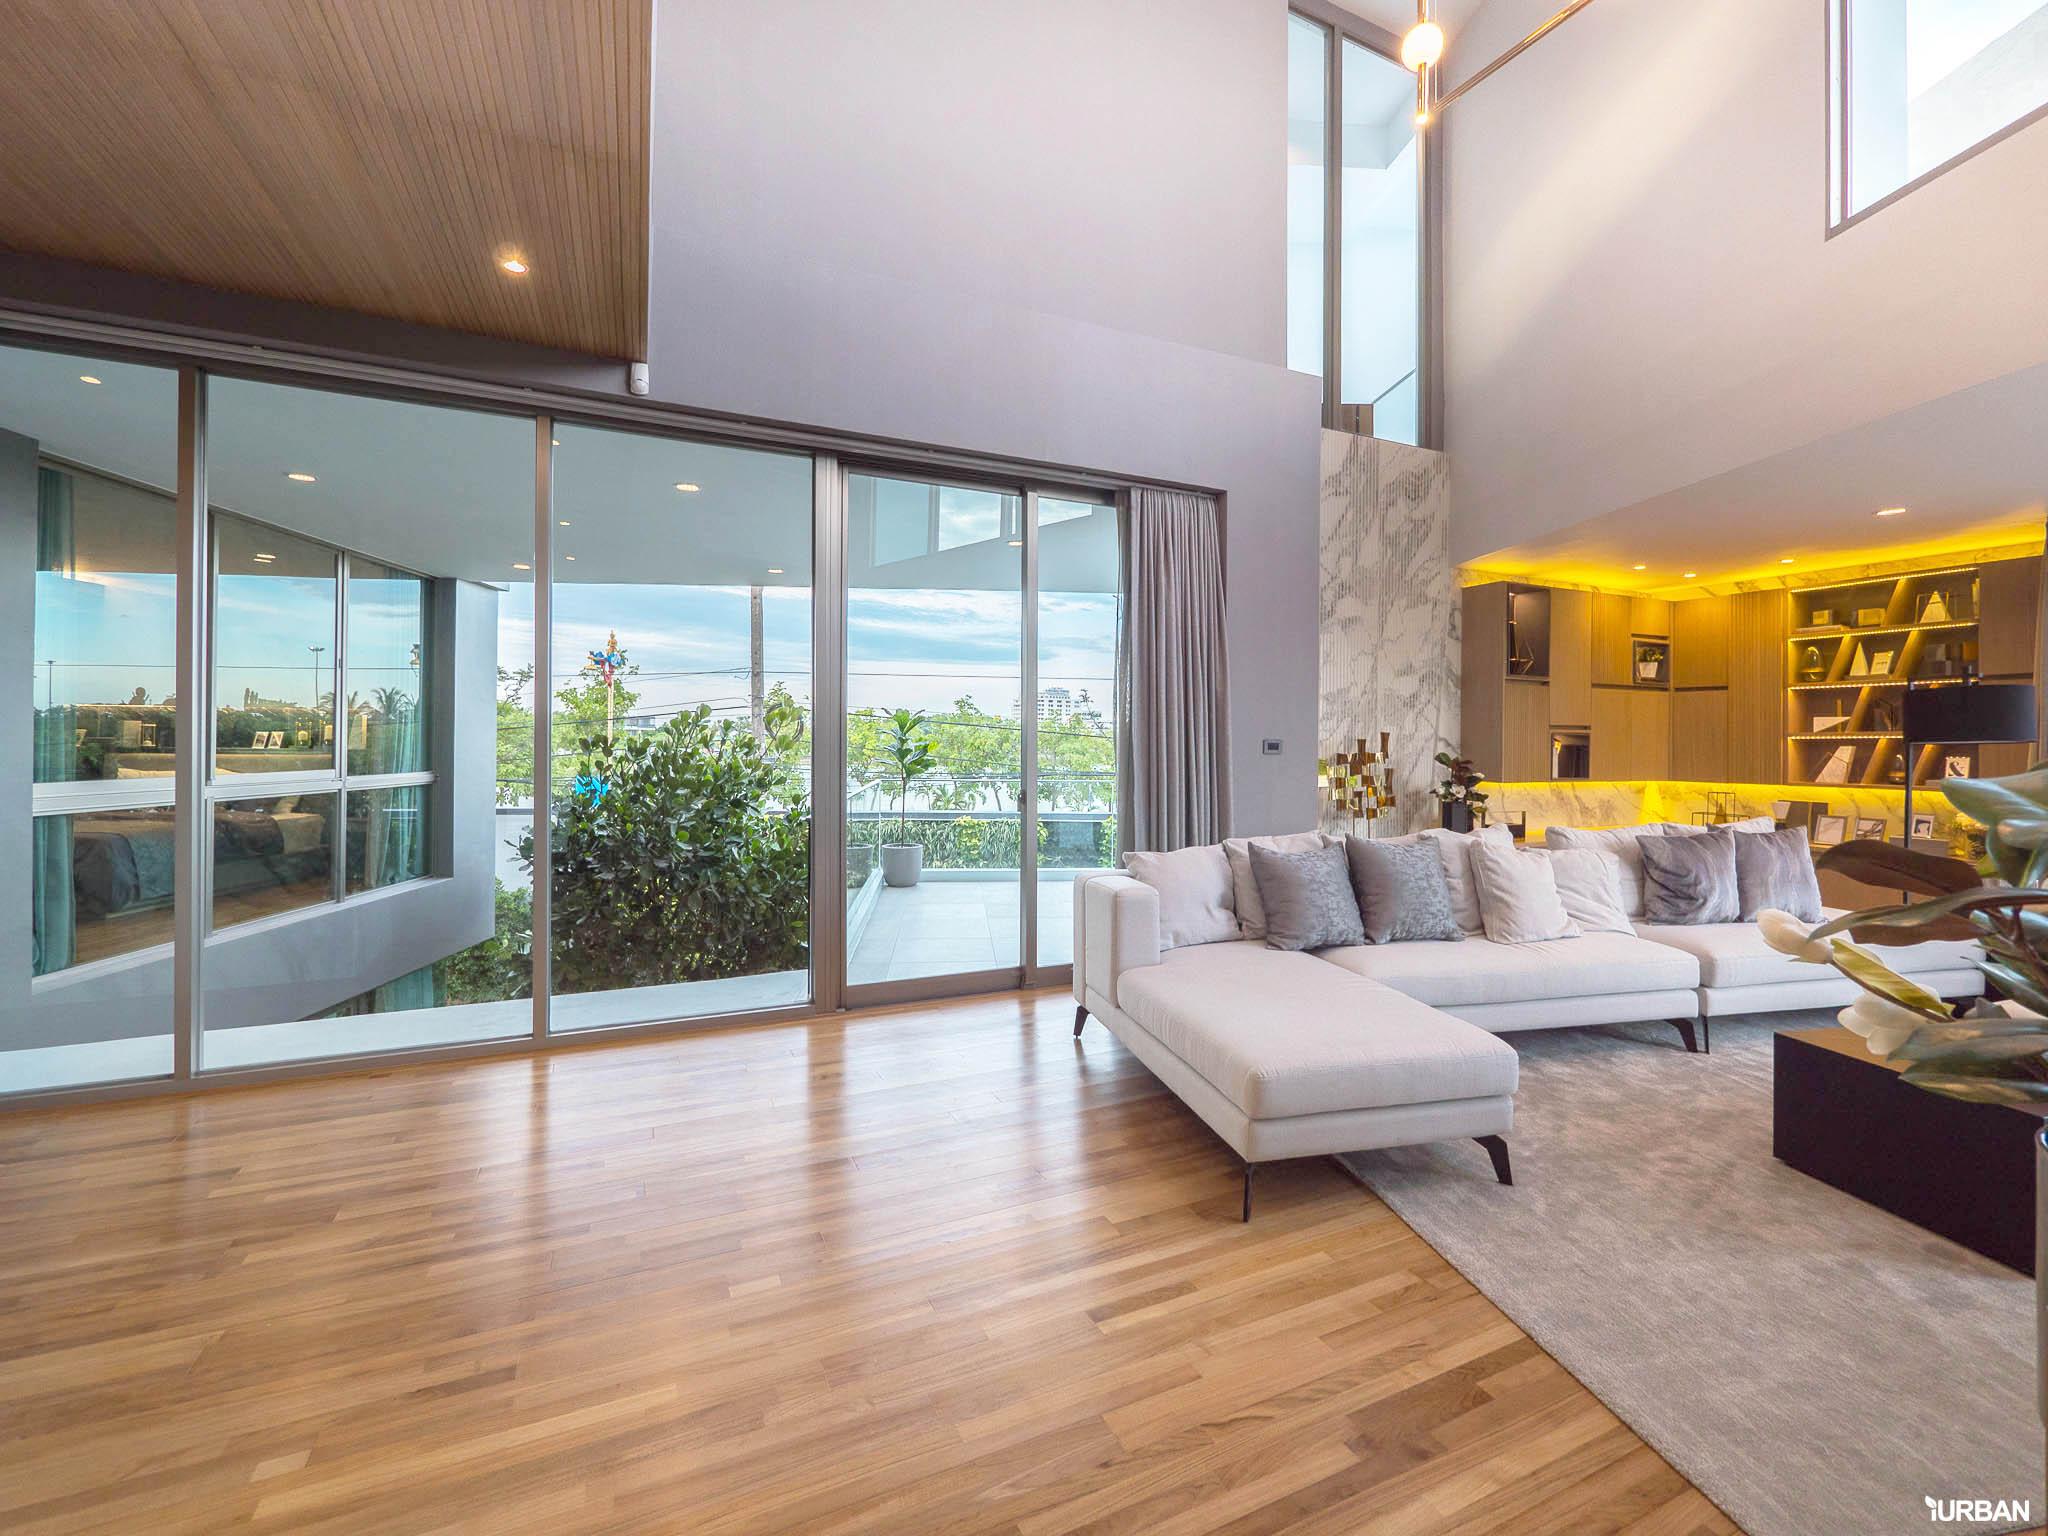 รีวิว Nirvana BEYOND Udonthani บ้านเดี่ยว 3 ชั้น ดีไซน์บิดสุดโมเดิร์น บนที่ดินสุดท้ายหน้าหนองประจักษ์ 54 - Luxury